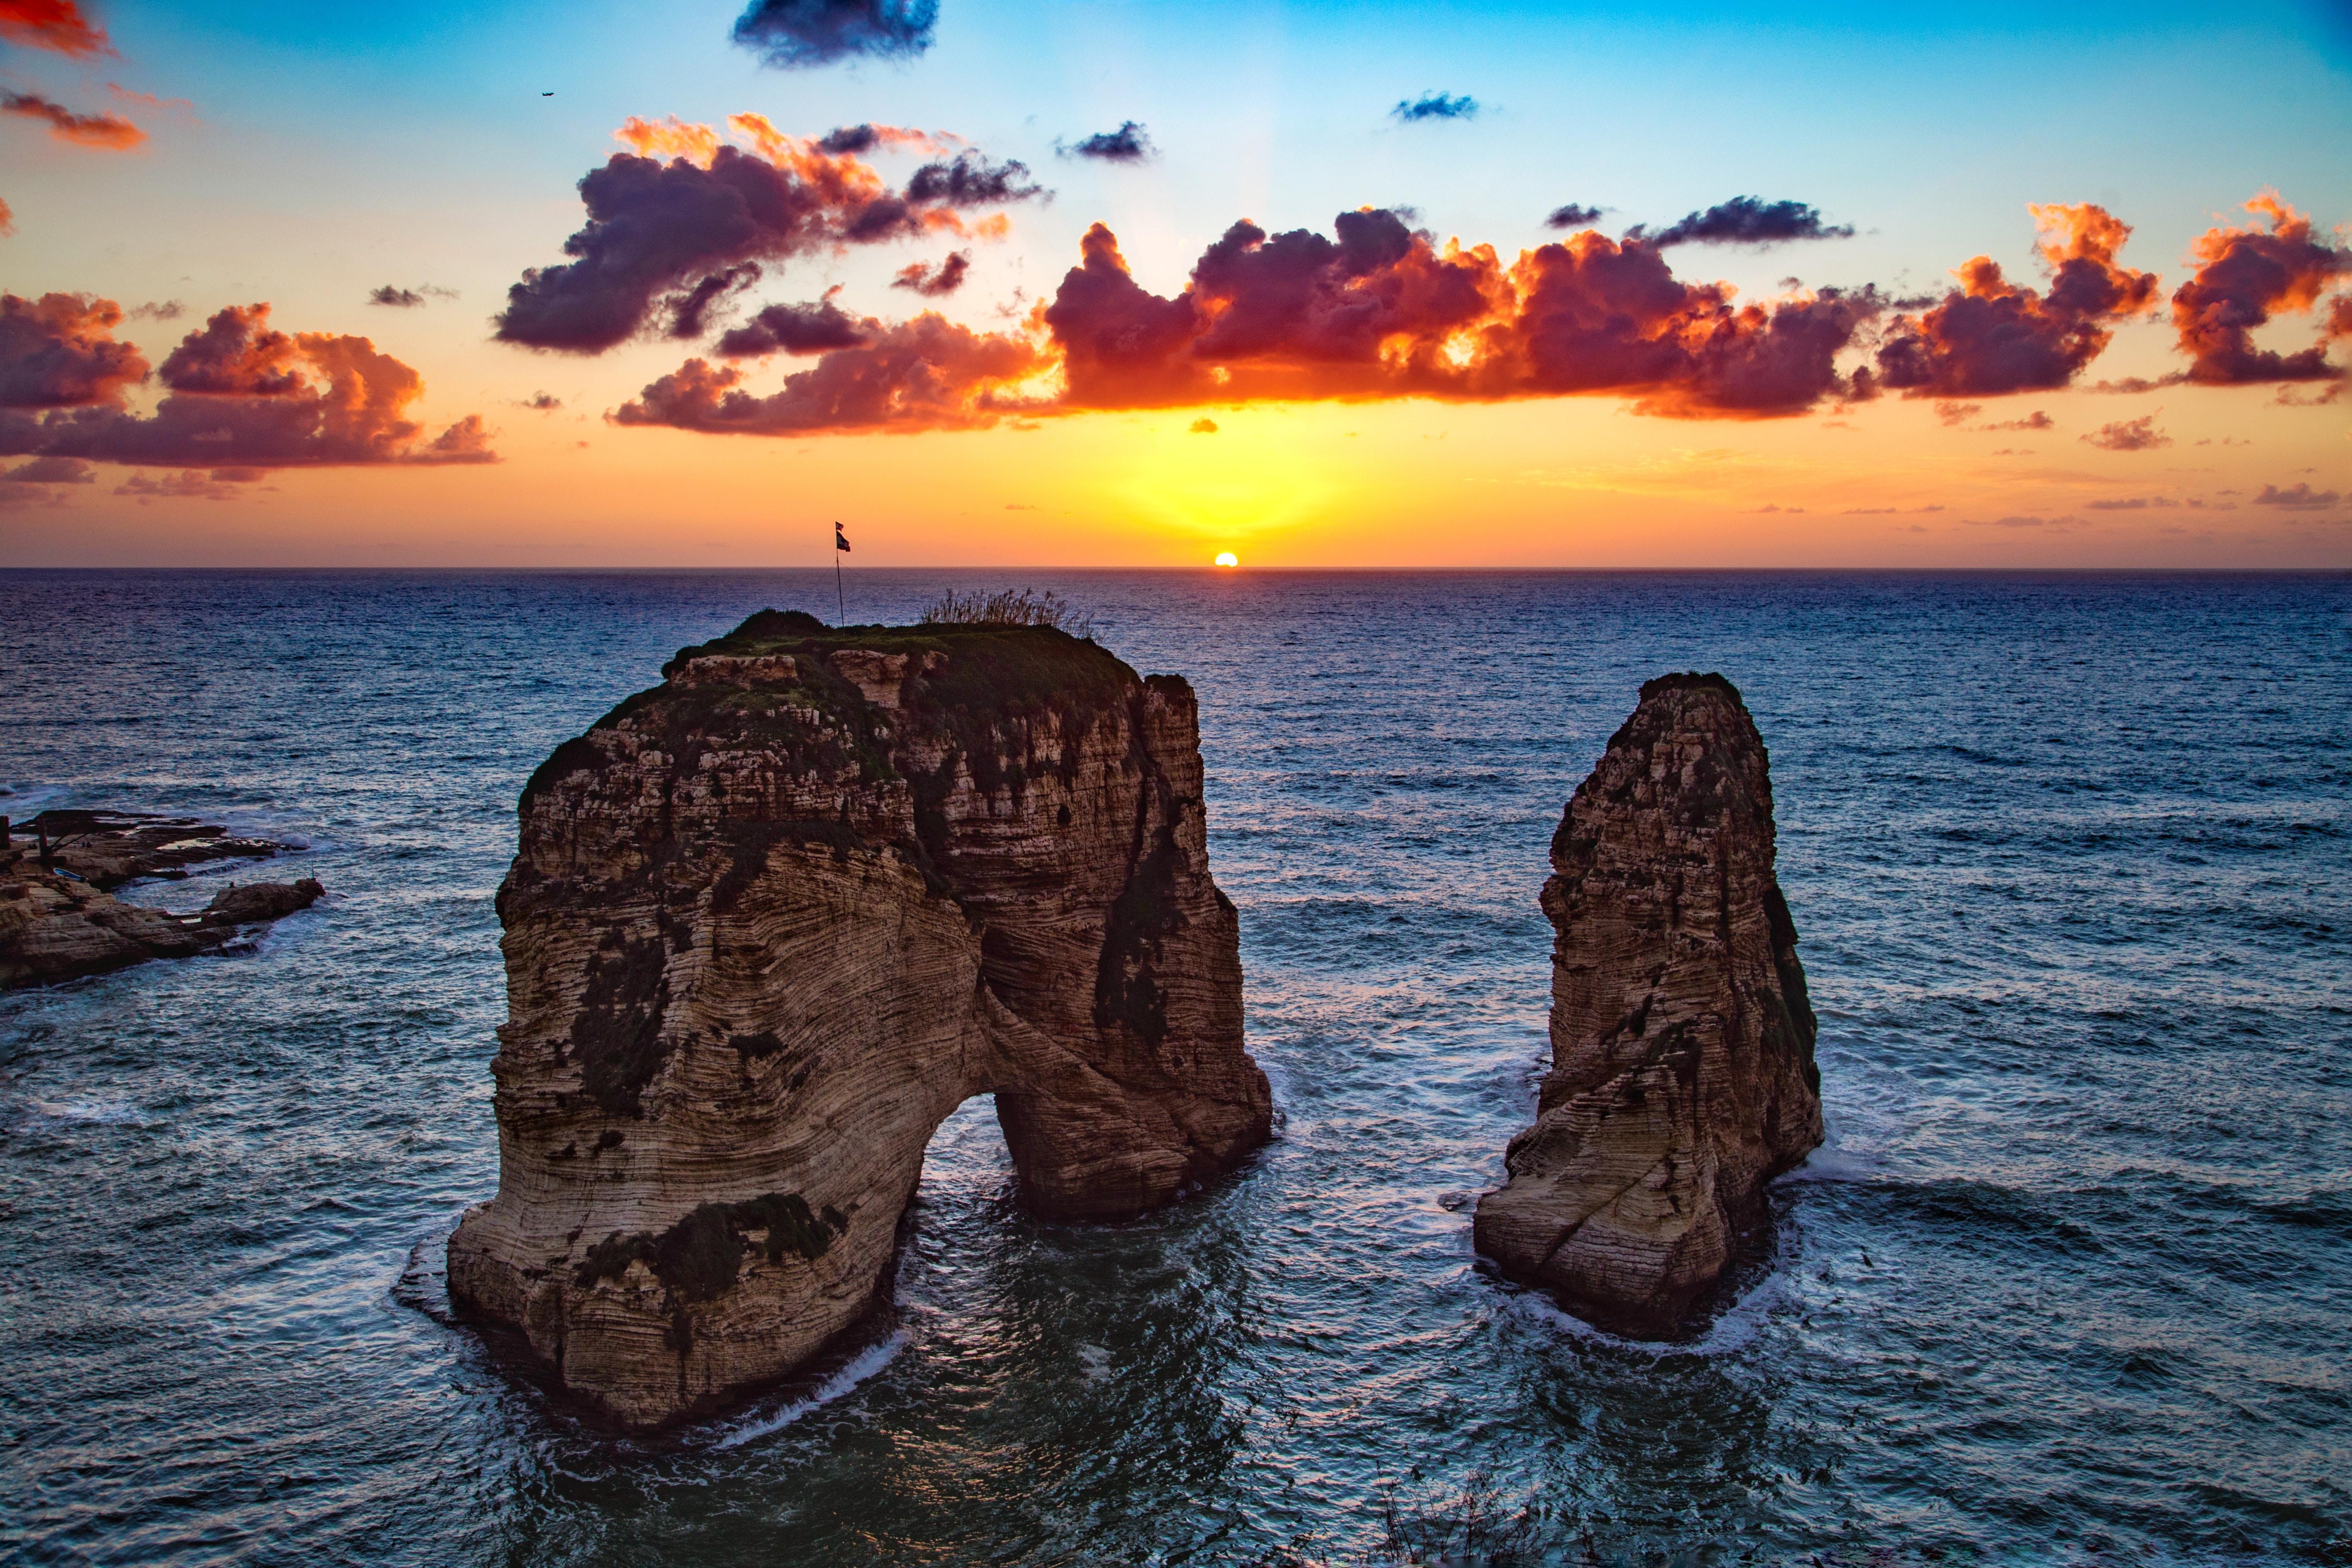 51241 Salvapantallas y fondos de pantalla Mar en tu teléfono. Descarga imágenes de Naturaleza, Rocas Rausche, Rocas, Beirut, Líbano, Mar, Puesta Del Sol gratis